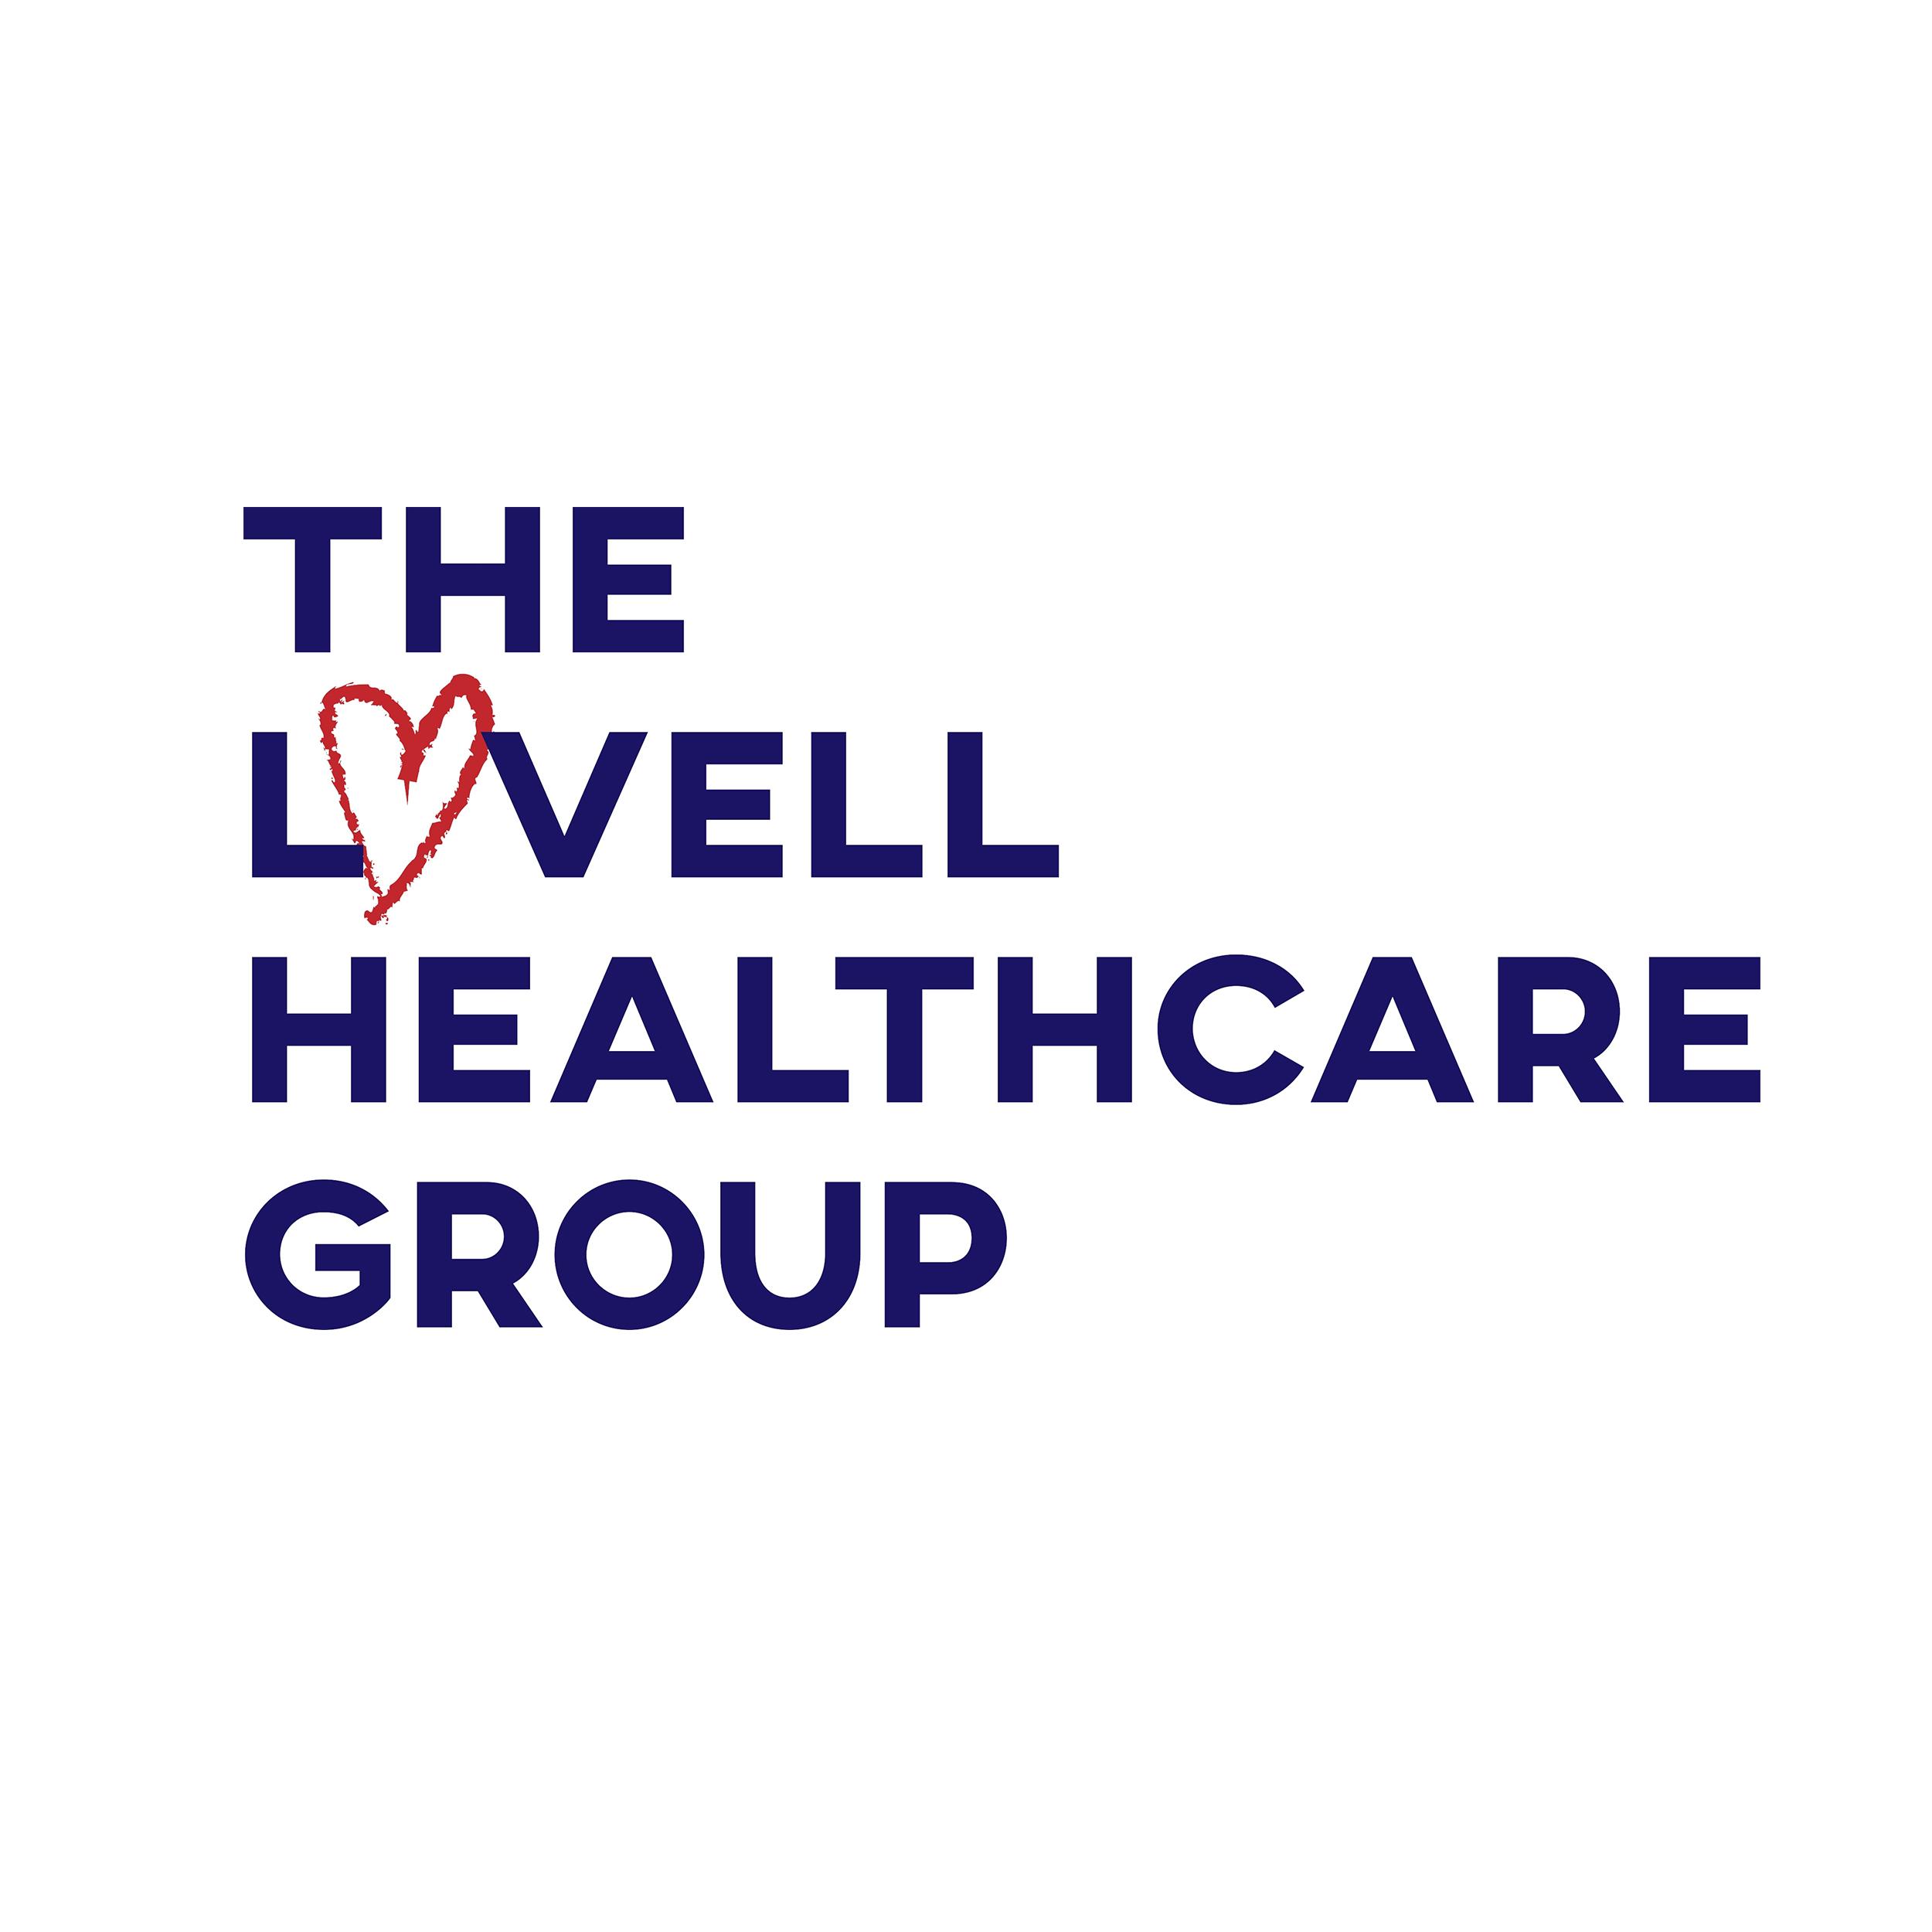 LovellHealthcareGroupForWebsite.jpg